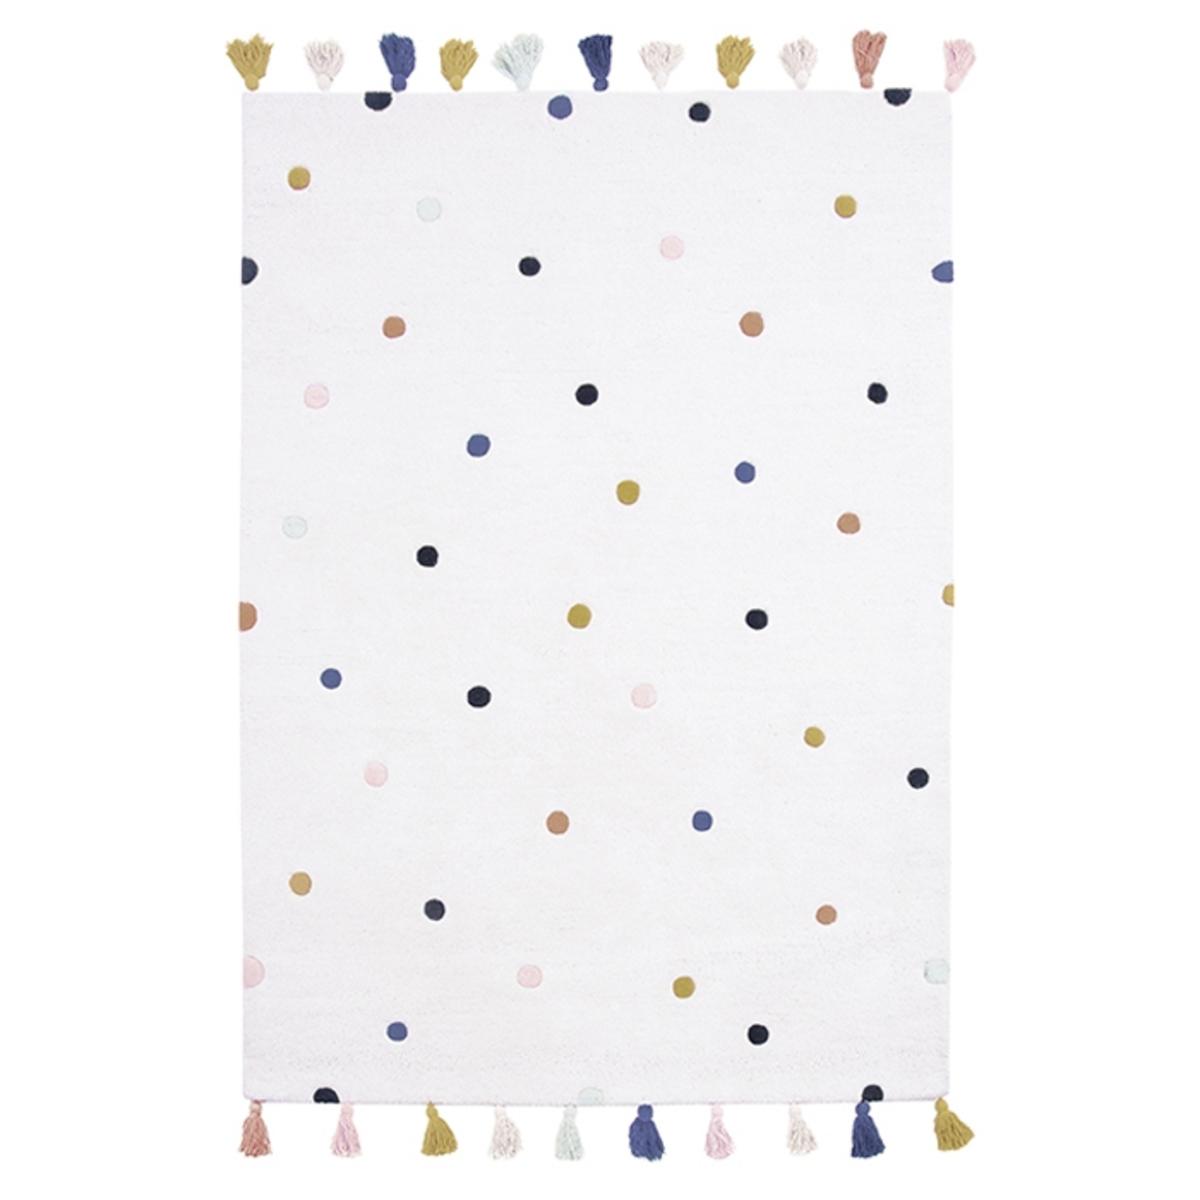 Tapis Tapis Pois Multicolores - 120 x 170 cm Tapis Pois Multicolores - 120 x 170 cm